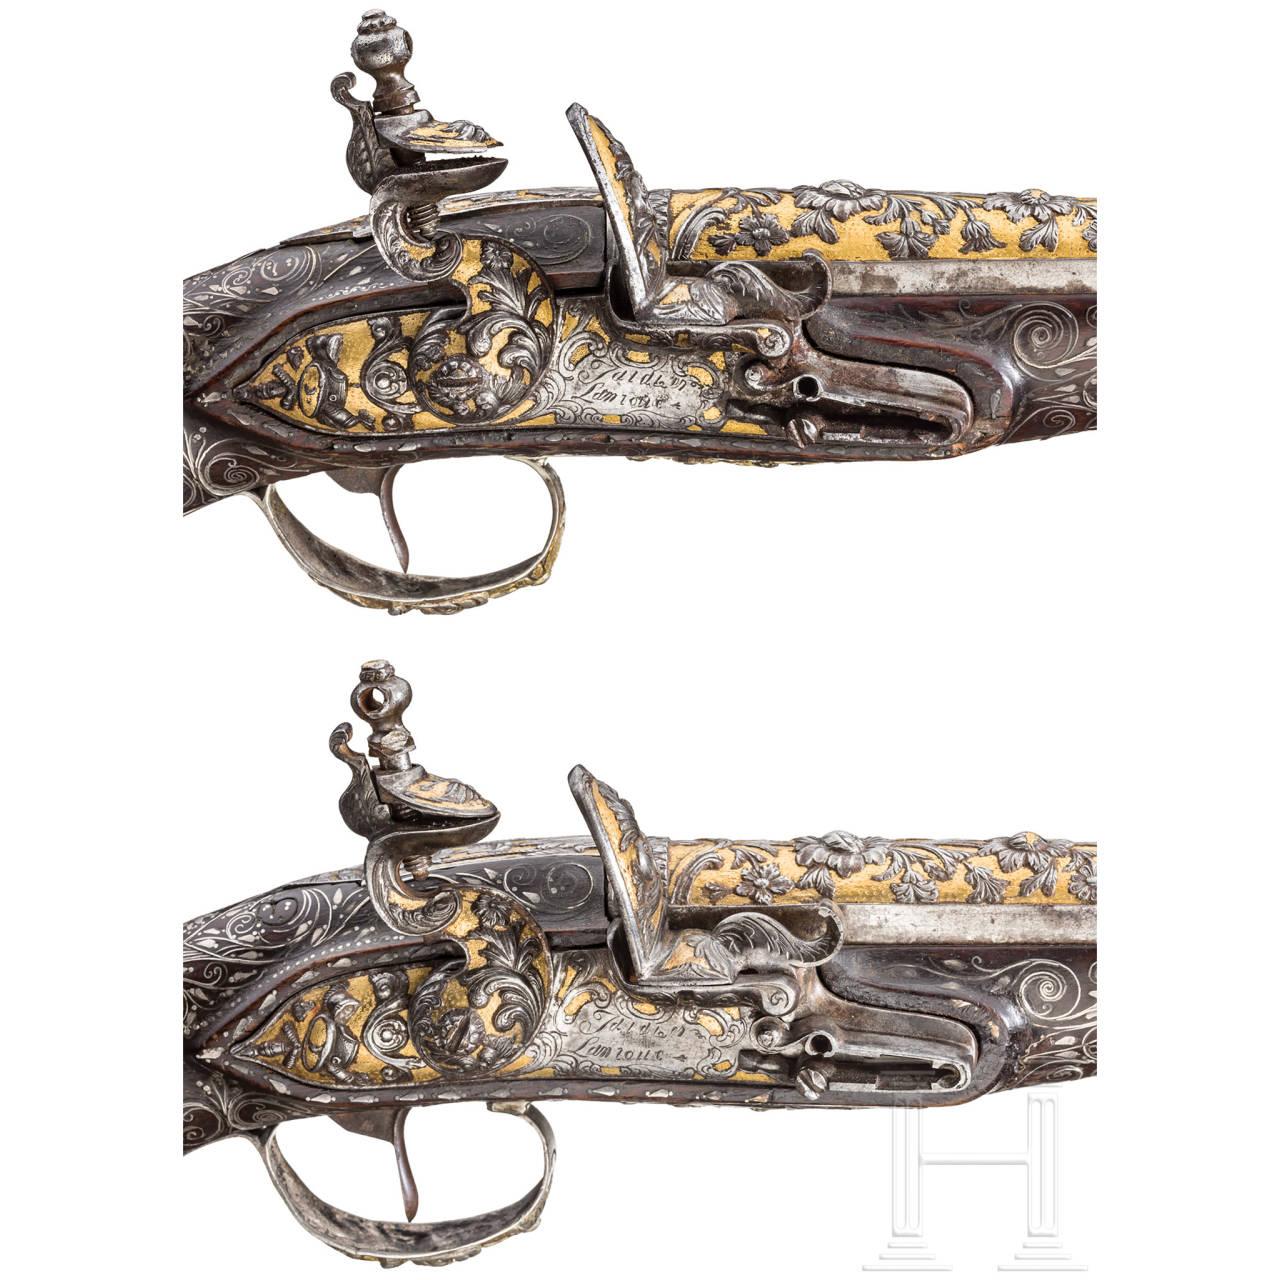 Ein Paar eisengeschnittene Luxus-Orientpistolen für den orientalischen Markt, Frankreich, um 1810/20